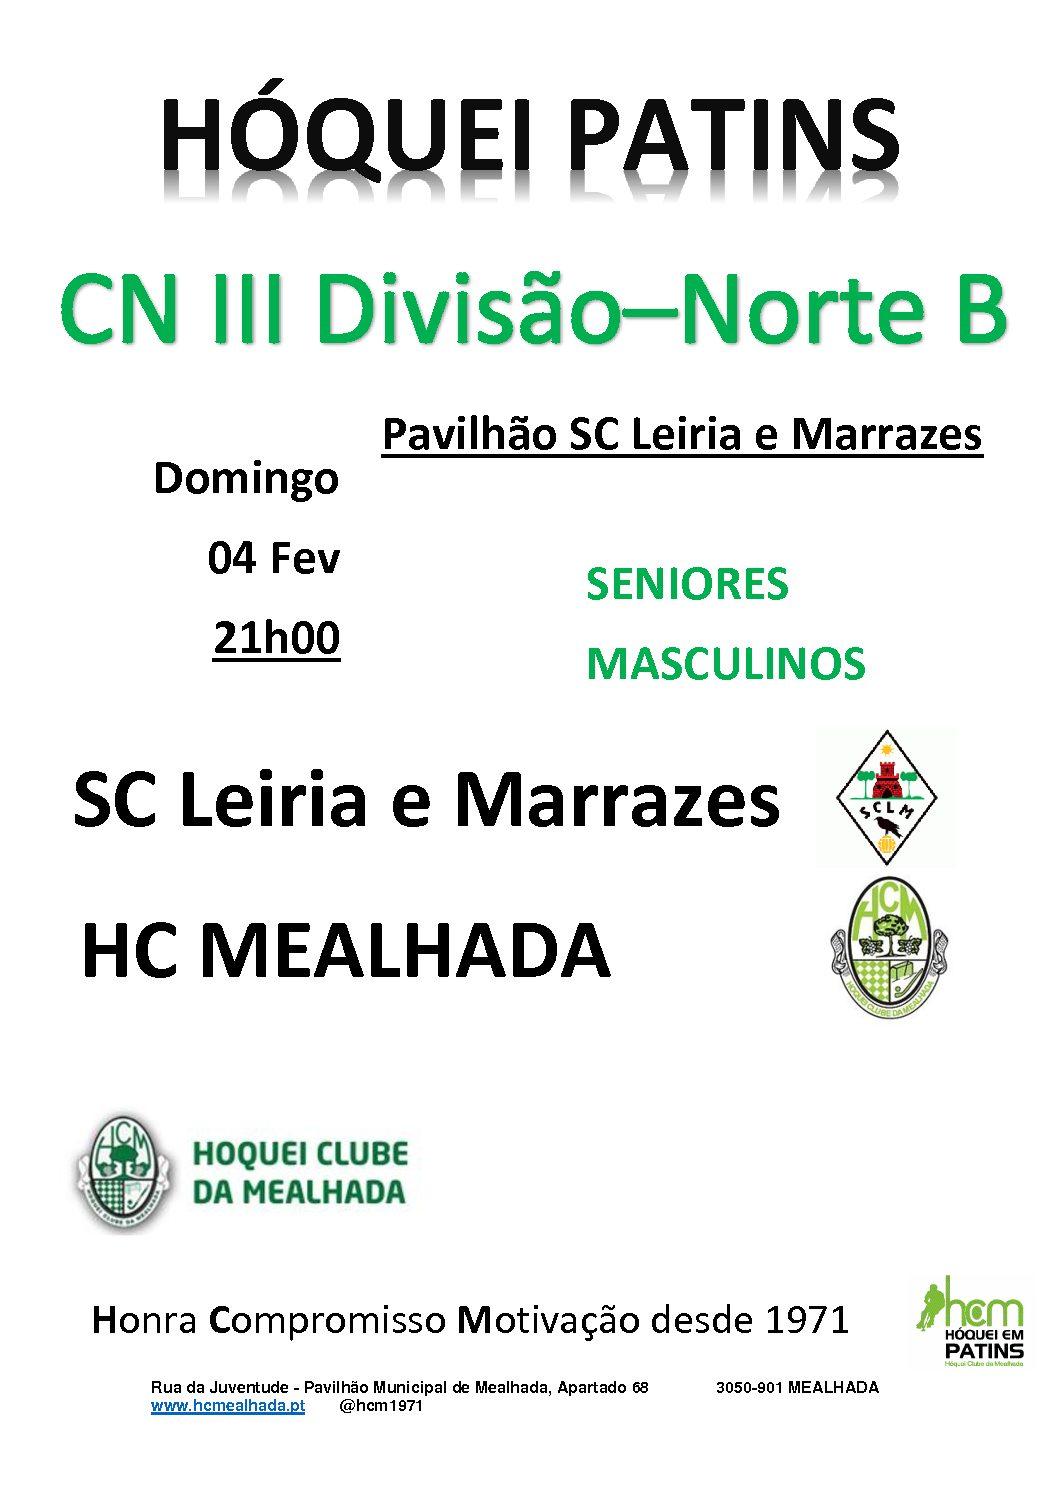 Séniores do HCM jogam amanhã em Marrazes